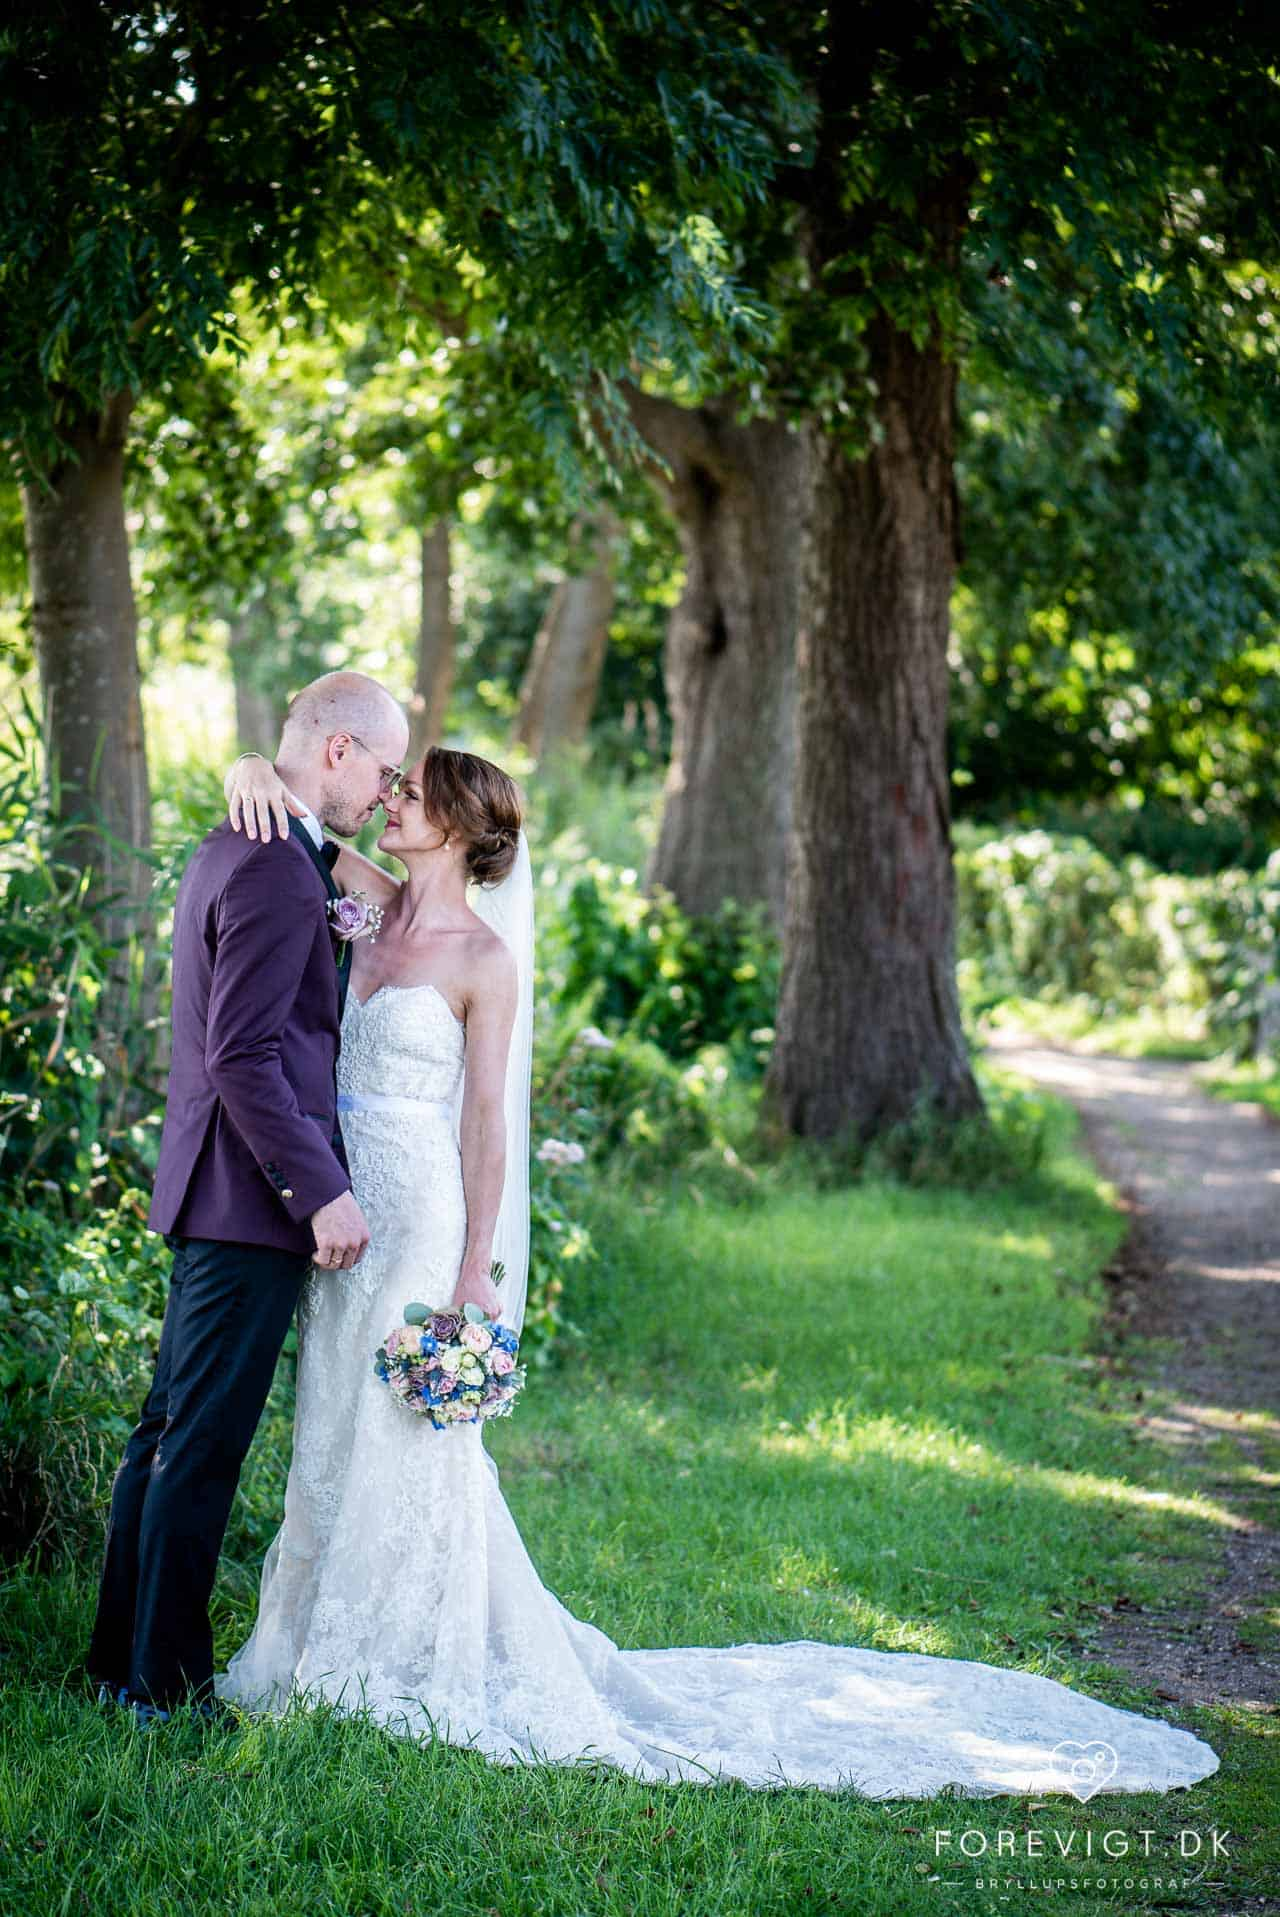 Feststeder og lokaler på Sjælland til den perfekte bryllupsfest